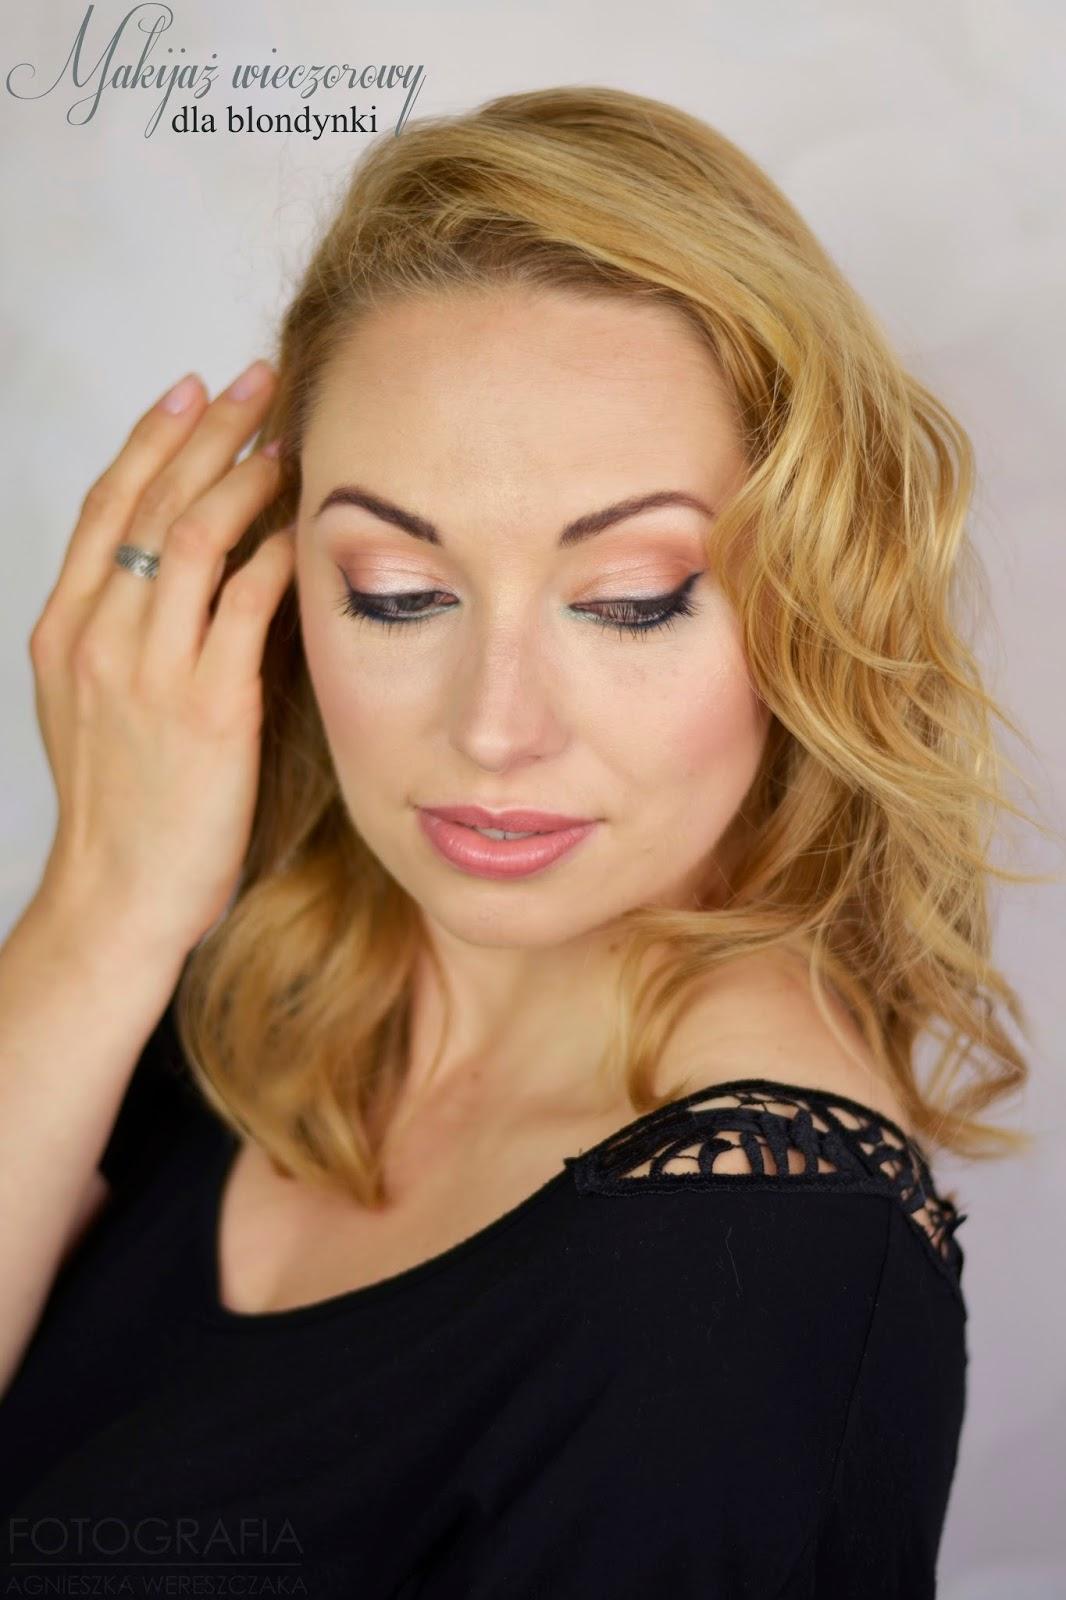 Metamorfoza Makijaż Wieczorowy Dla Blondynki Agwerblog